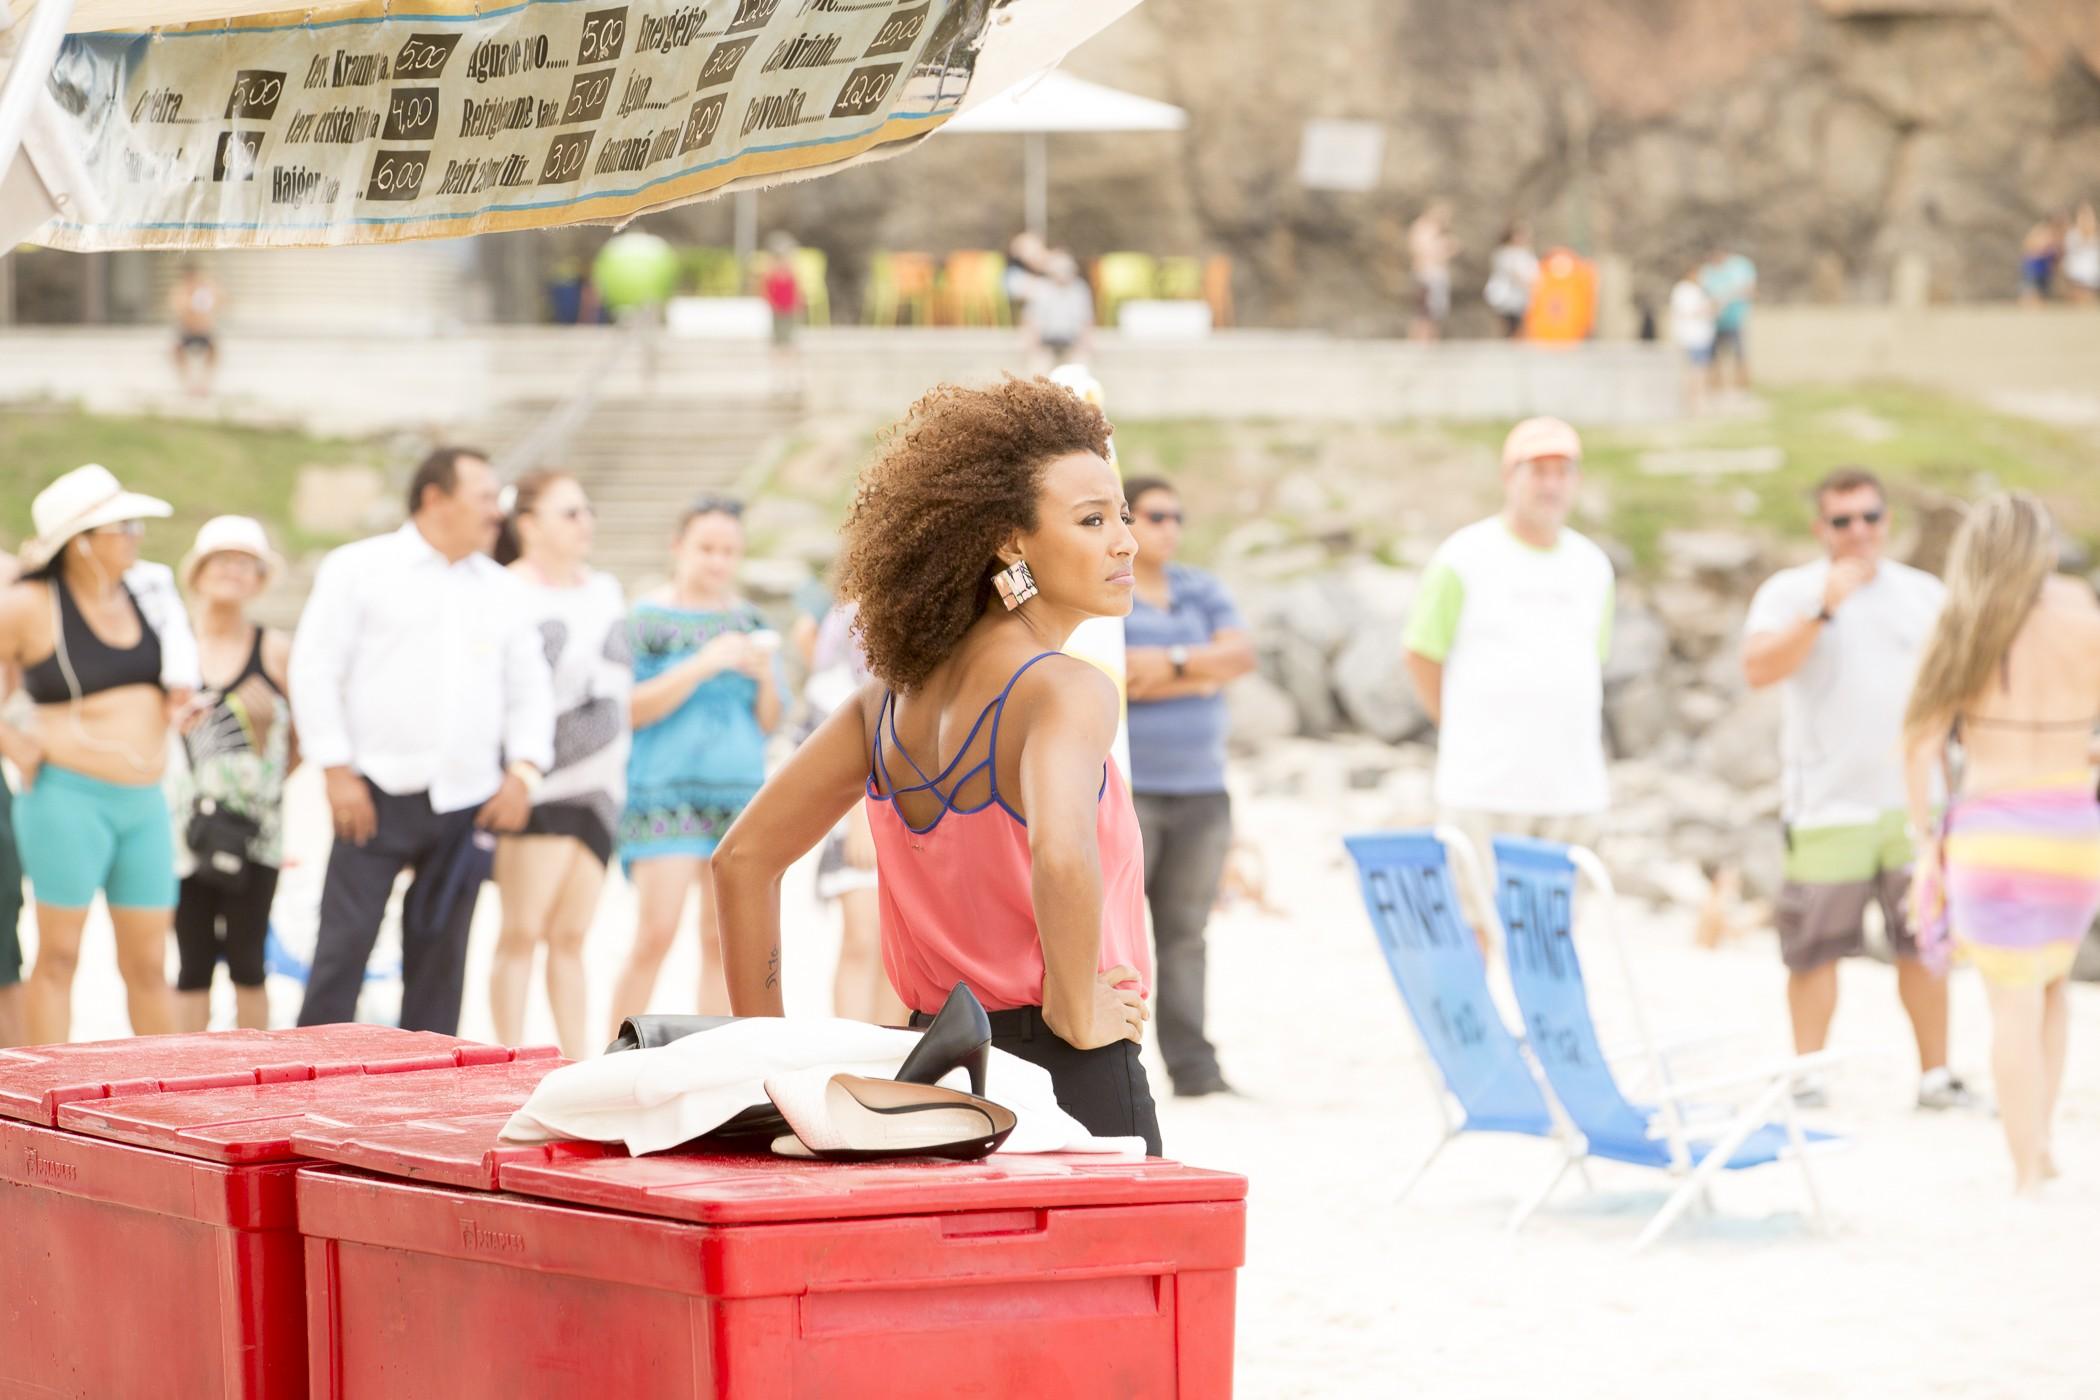 Com figurino de Paula, sua personagem, Sheron apareceu na praia de roupa social (Foto: Felipe Monteiro/Gshow)